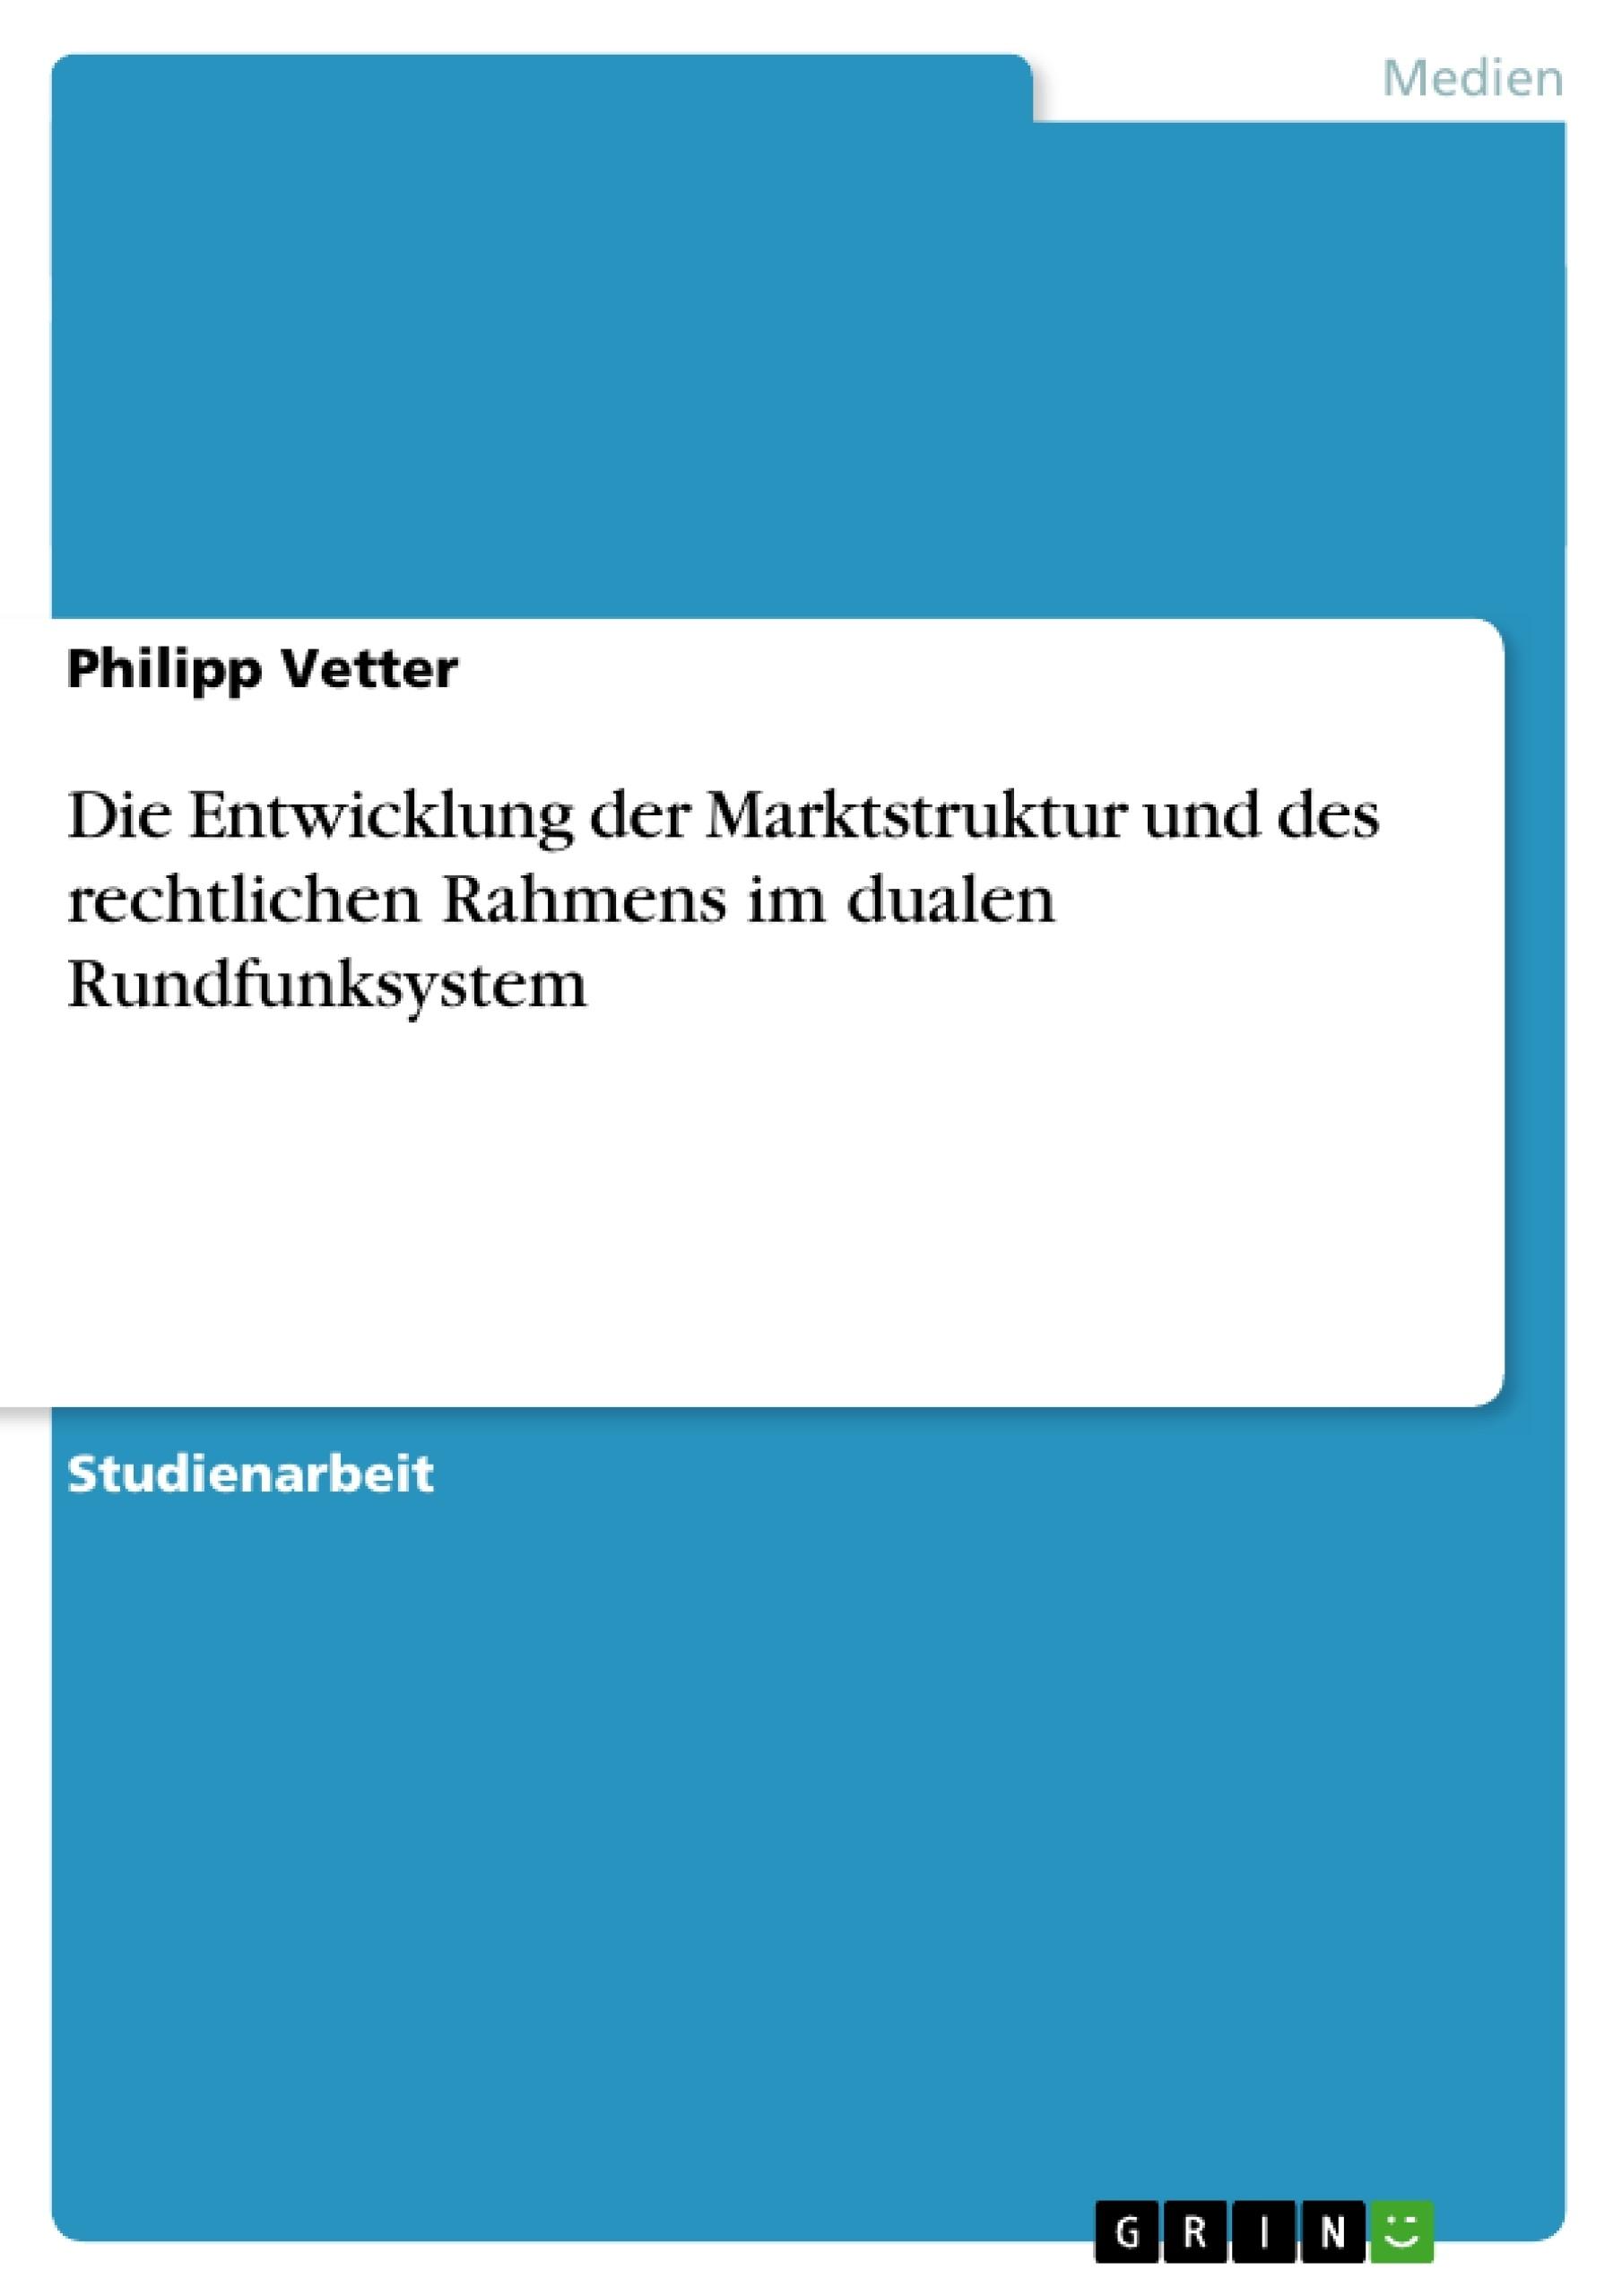 Titel: Die Entwicklung der Marktstruktur und des rechtlichen Rahmens im dualen Rundfunksystem